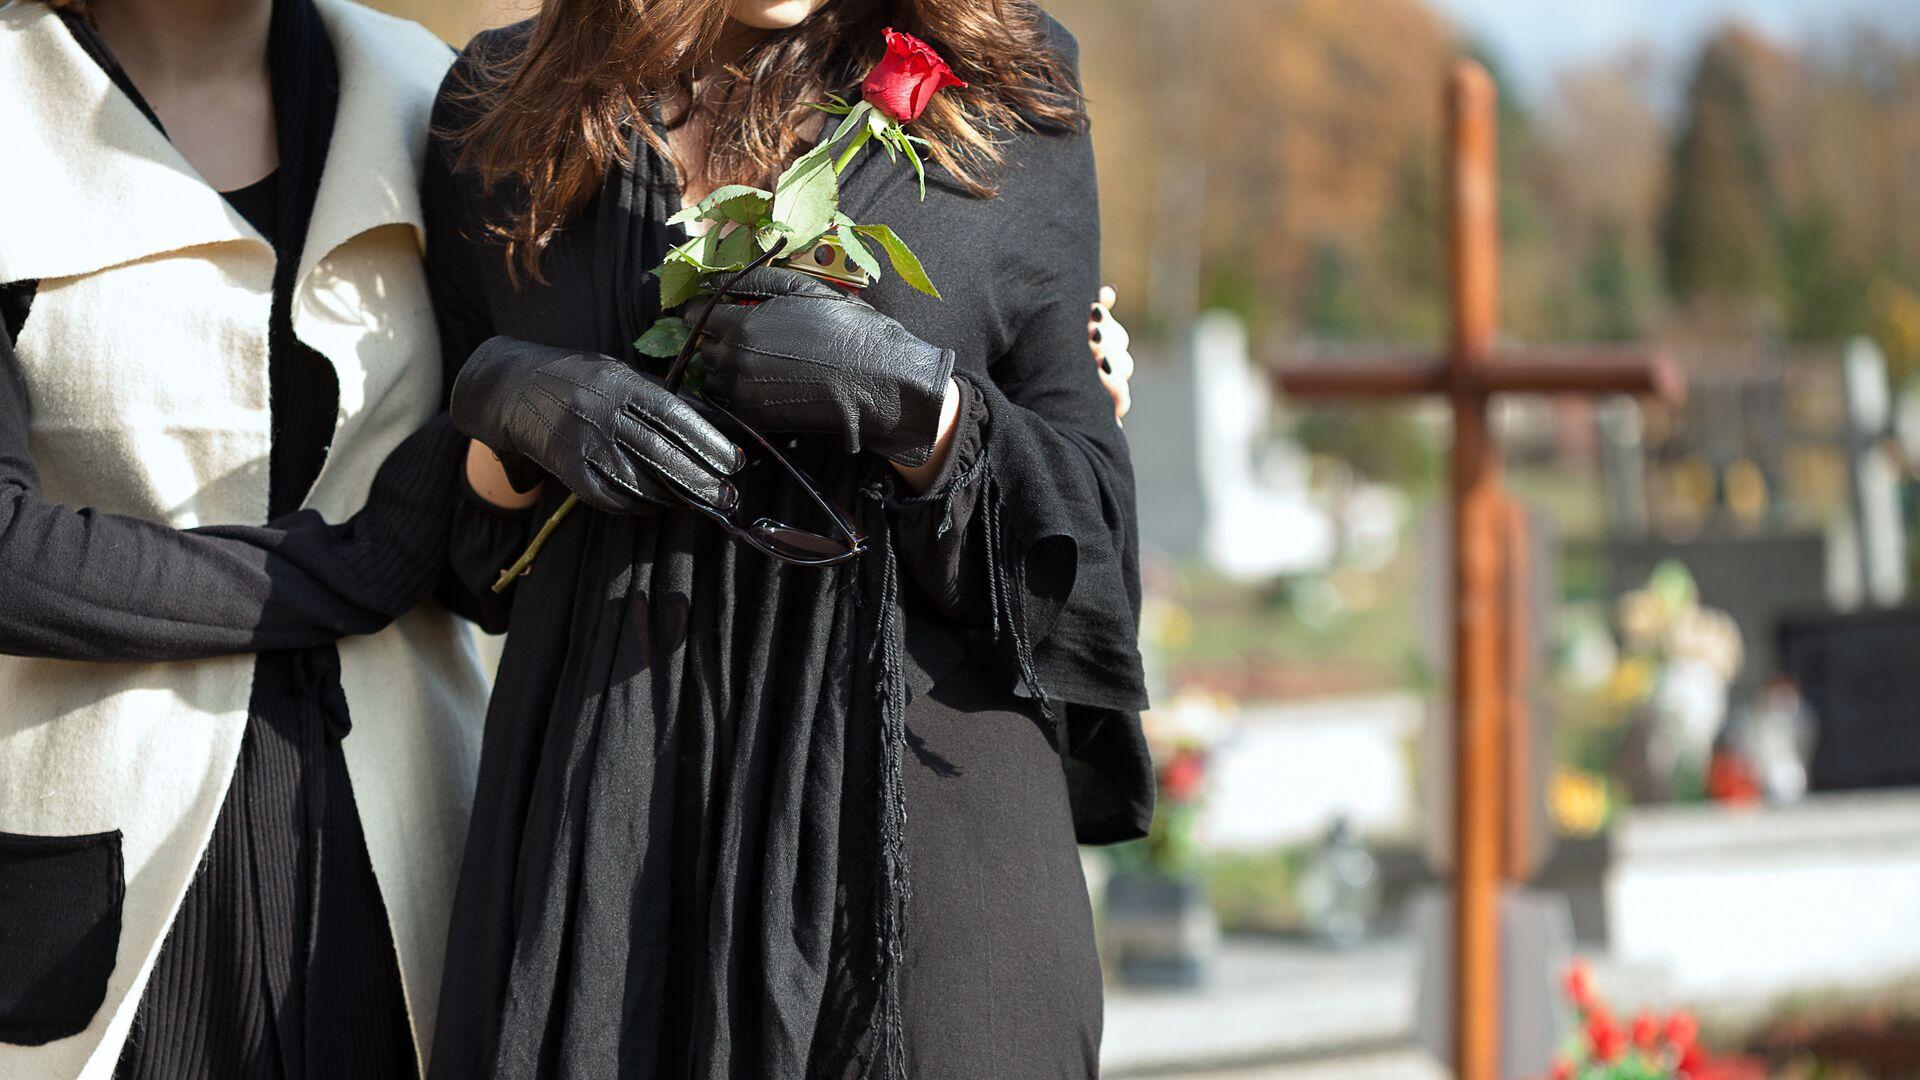 Женщины на кладбище - РИА Новости, 1920, 19.09.2020